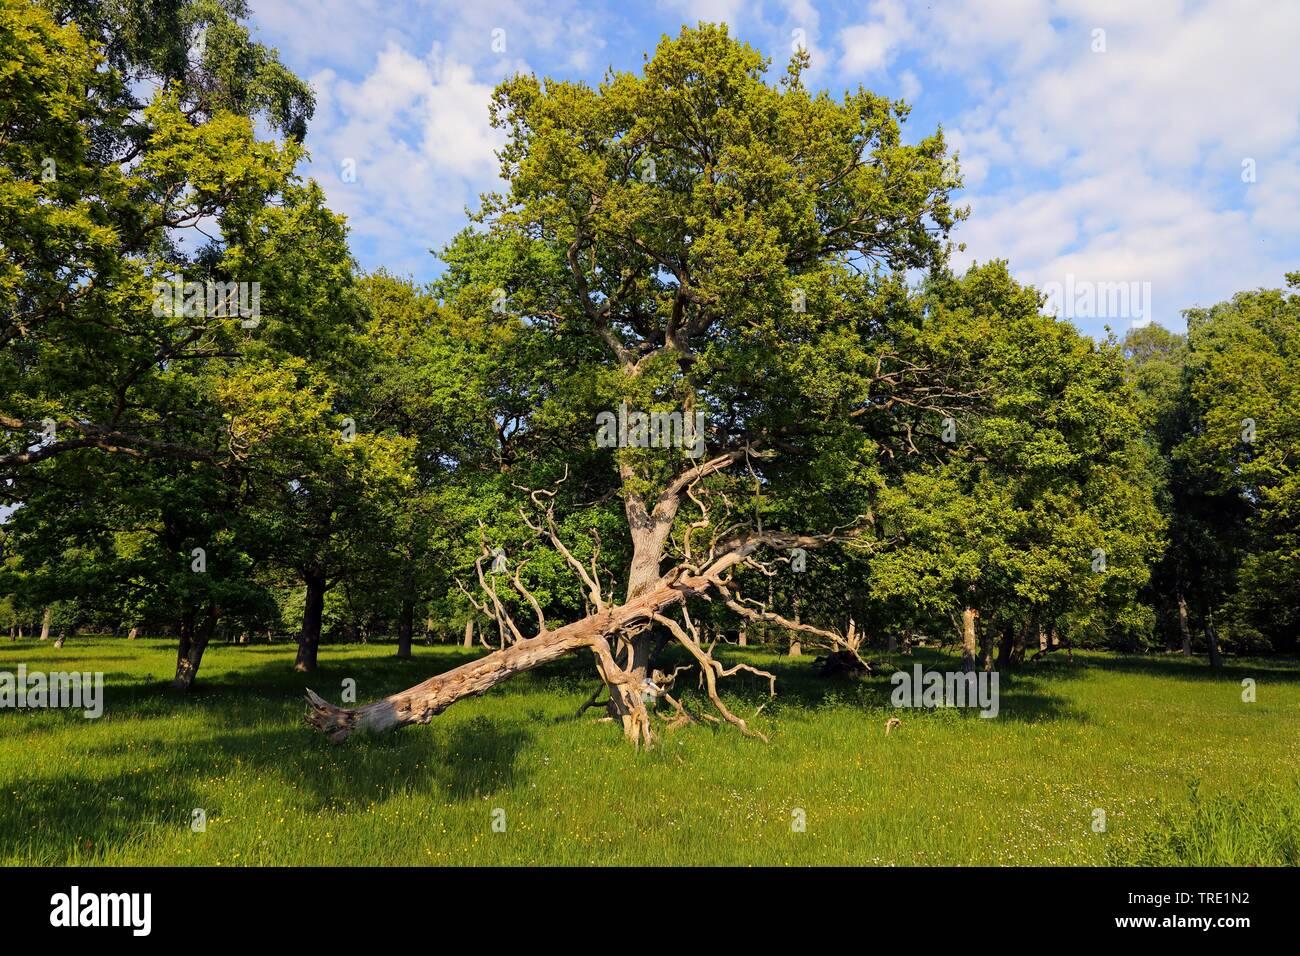 Eichenwald mit umgestuerztem Baum, Schweden, Oeland, Ottenby lund, O Combuco   oak forest with fallen tree, Sweden, Oeland, Ottenby lund, O Combuco   - Stock Image